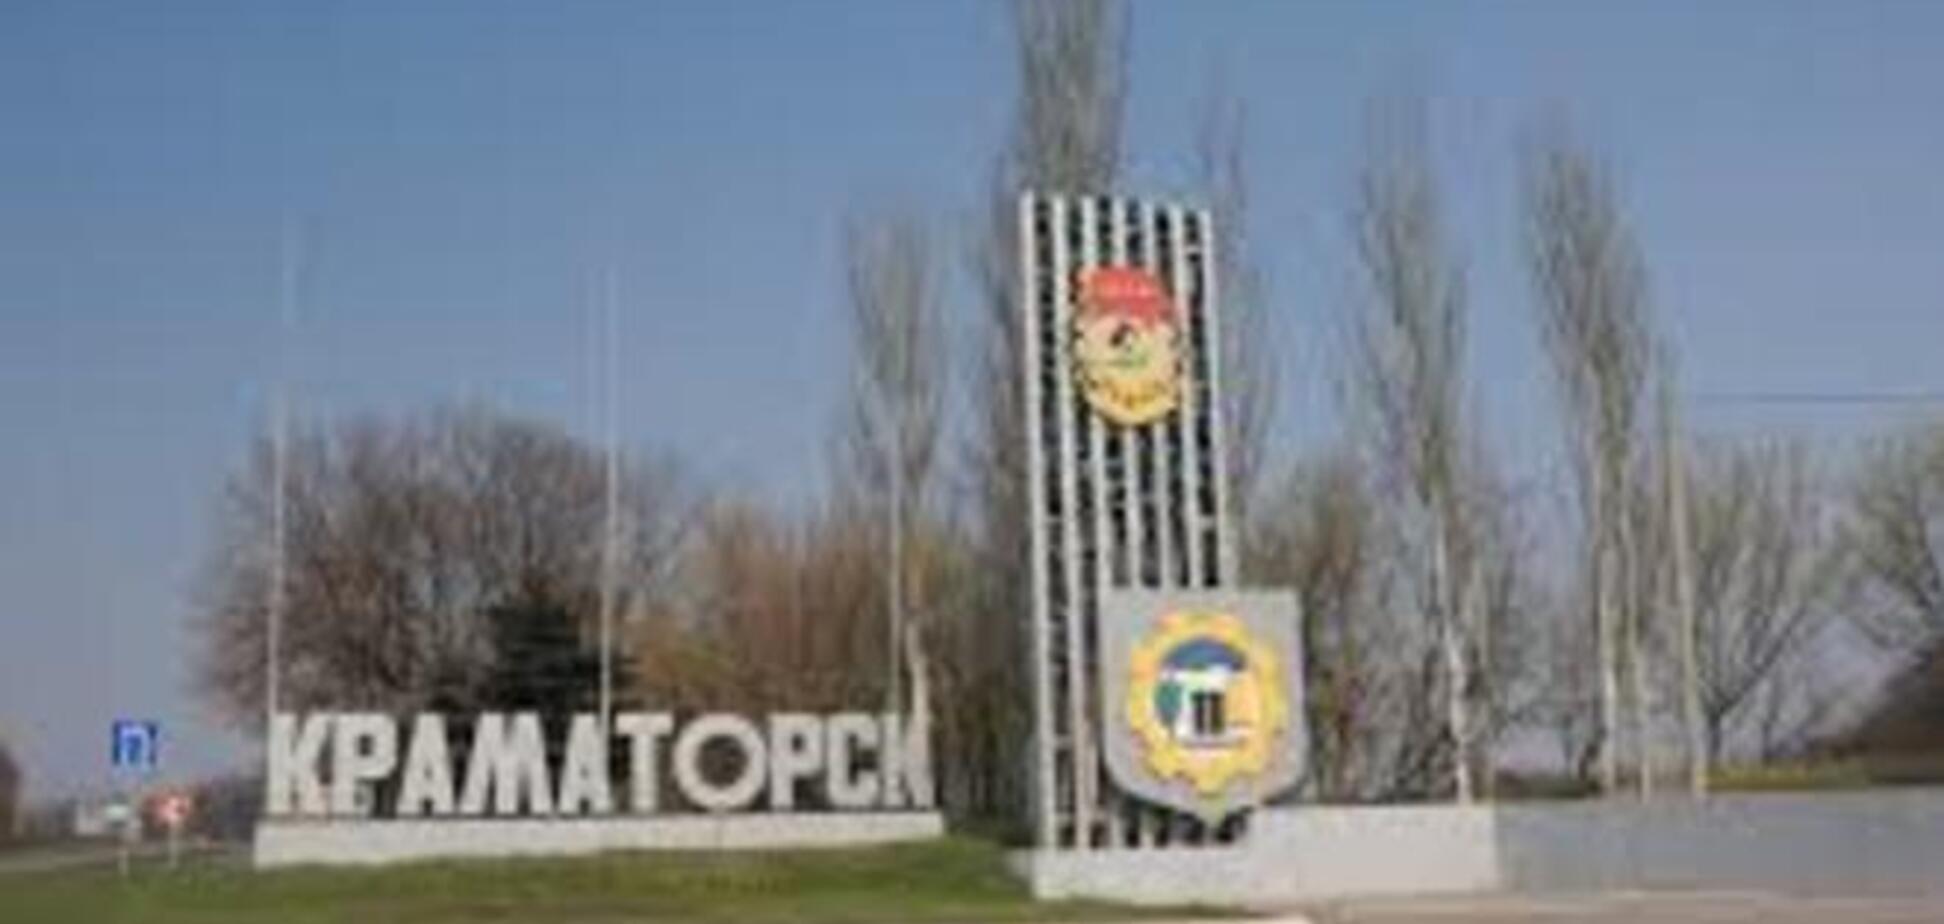 В Краматорске прозвучали два взрыва